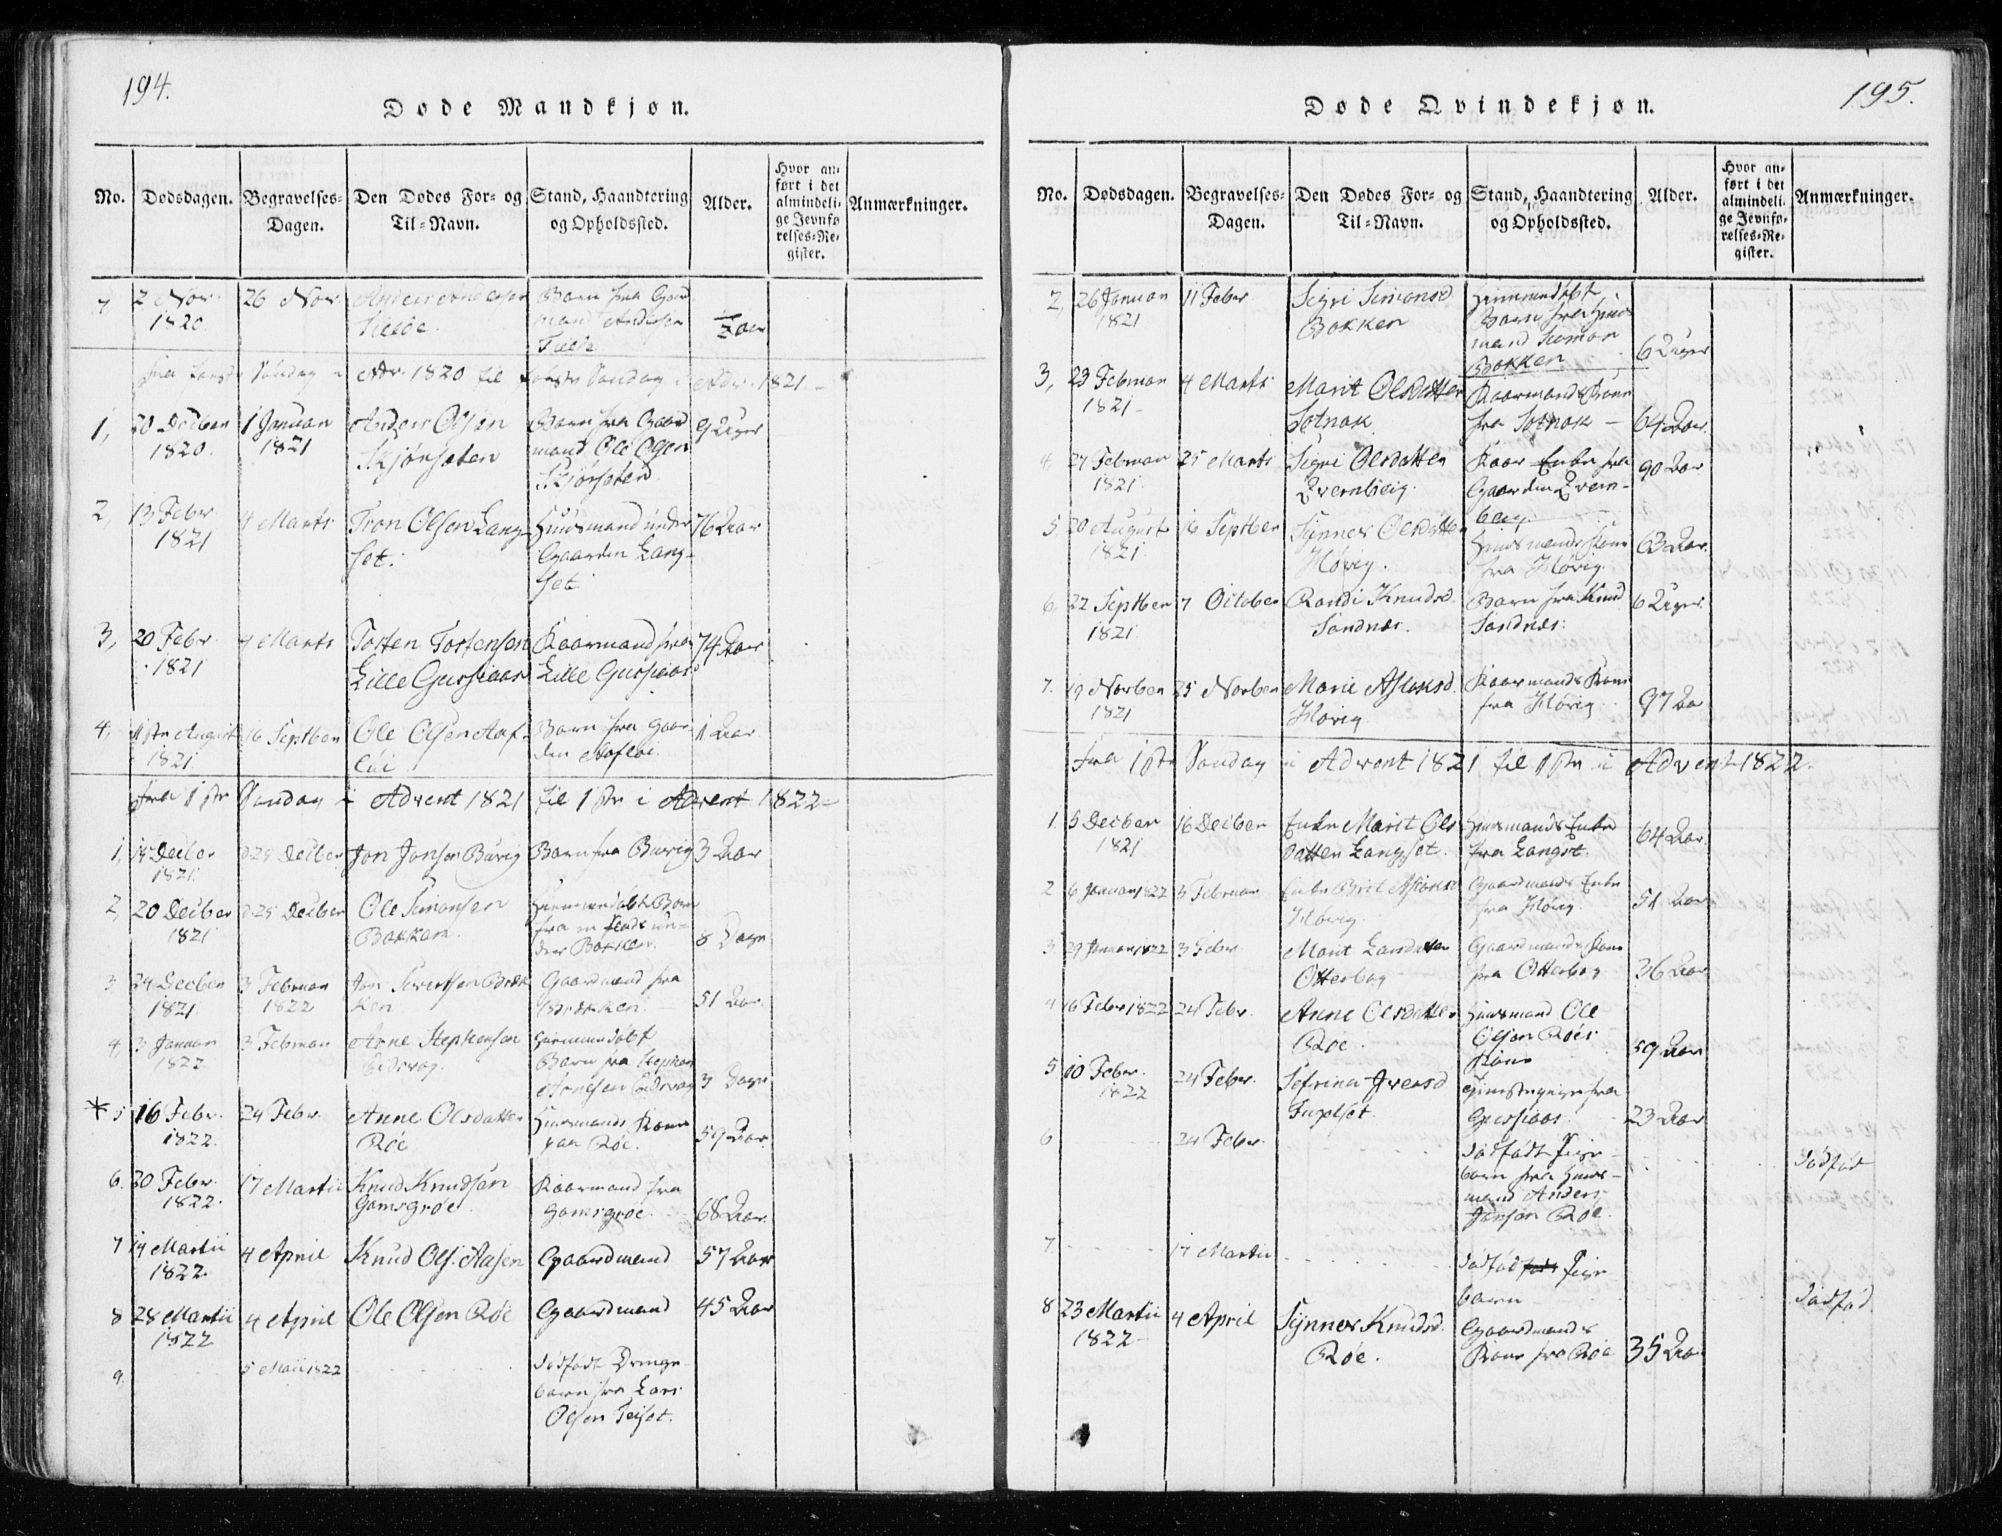 SAT, Ministerialprotokoller, klokkerbøker og fødselsregistre - Møre og Romsdal, 551/L0623: Ministerialbok nr. 551A03, 1818-1831, s. 194-195